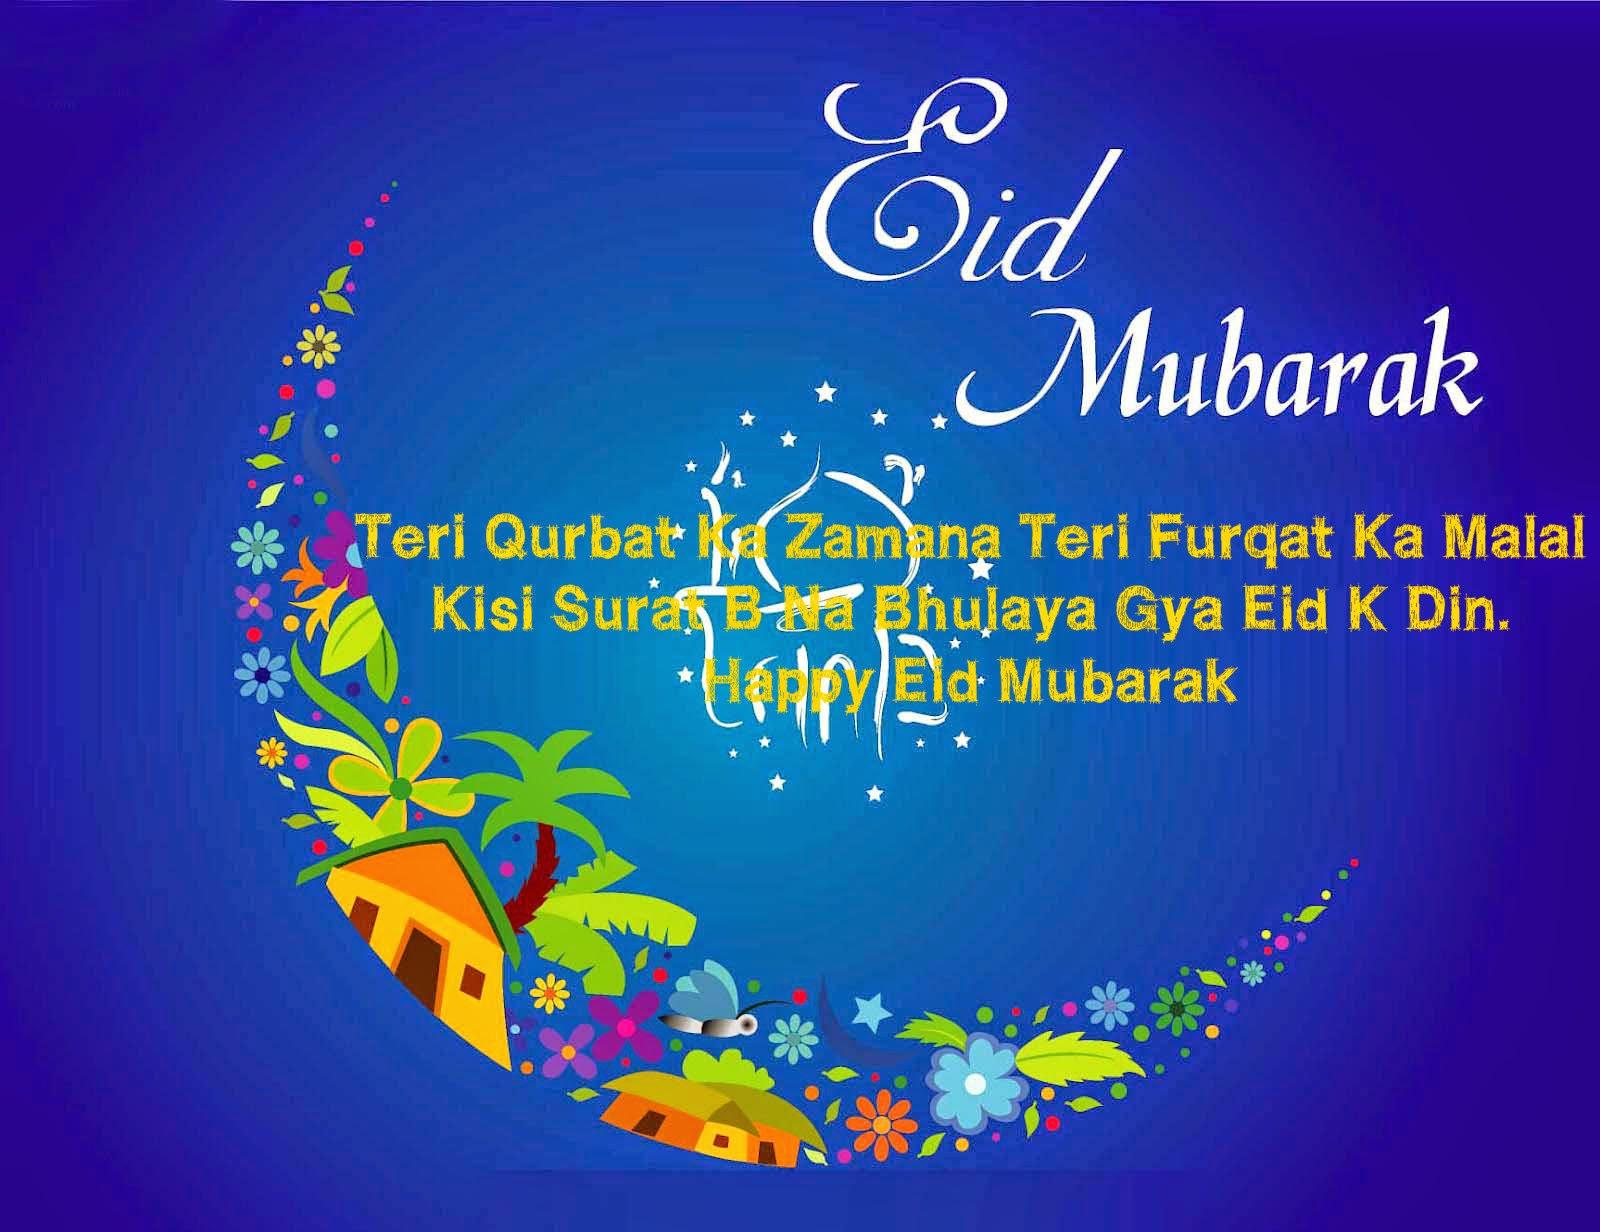 Happy Eid Mubarak 2015 3